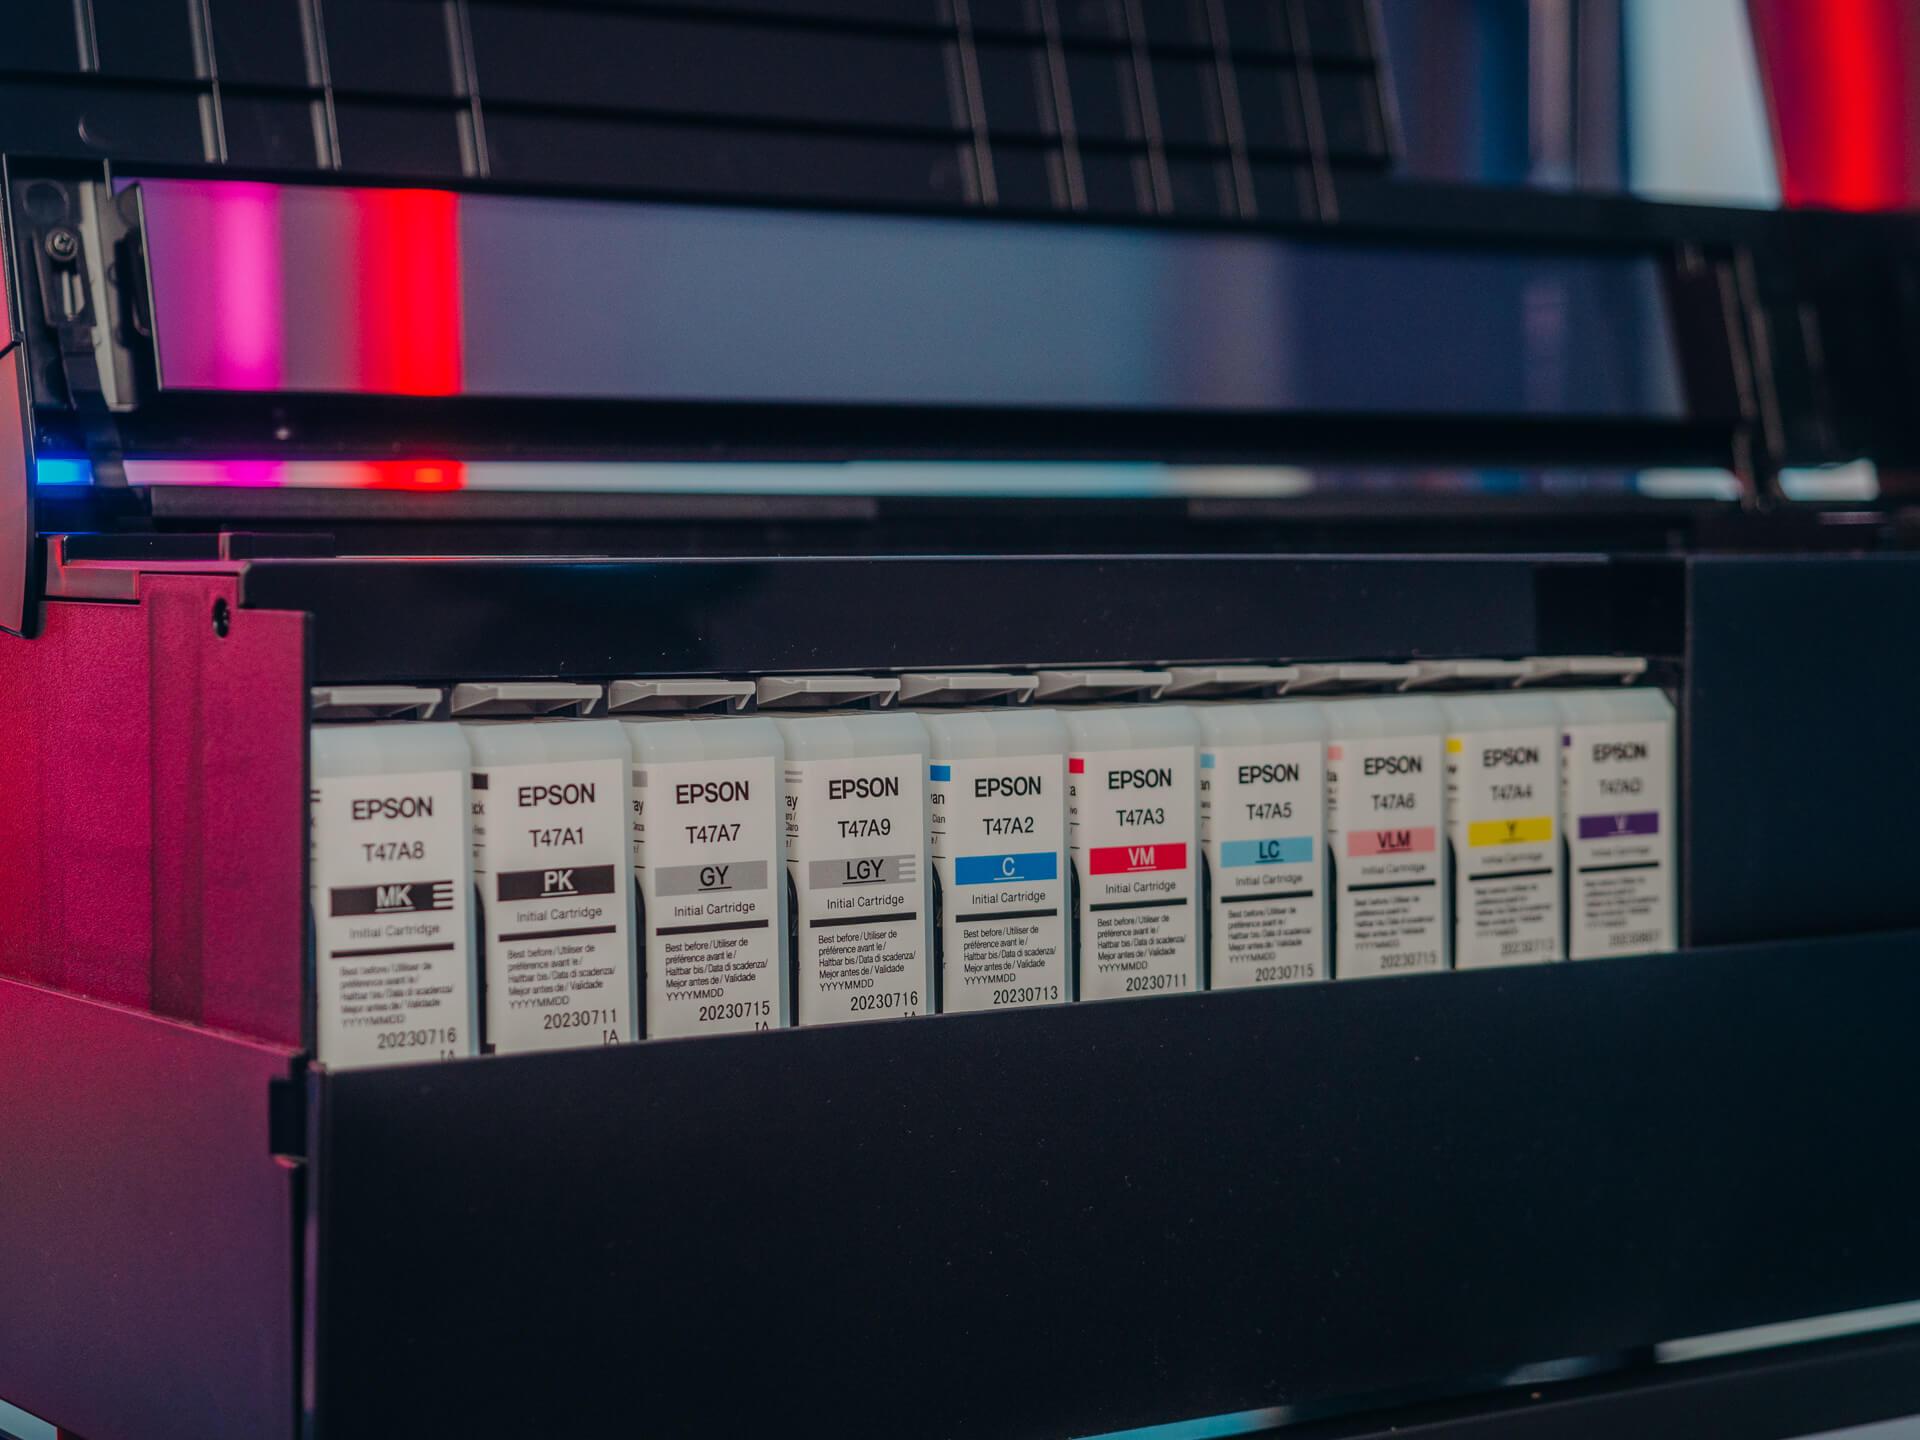 Drukarka do zdjęć Epson SC-P900 bazuje na aż 10 kolorach, z czego jednocześnie używa dziewięciu. Mamy tu do czynienia z czarnym matowym i błyszczącym, jak również zestawem jaśniejszych kolorów podstawowych, a także kolorem fioletowym, który poszerza gamut.